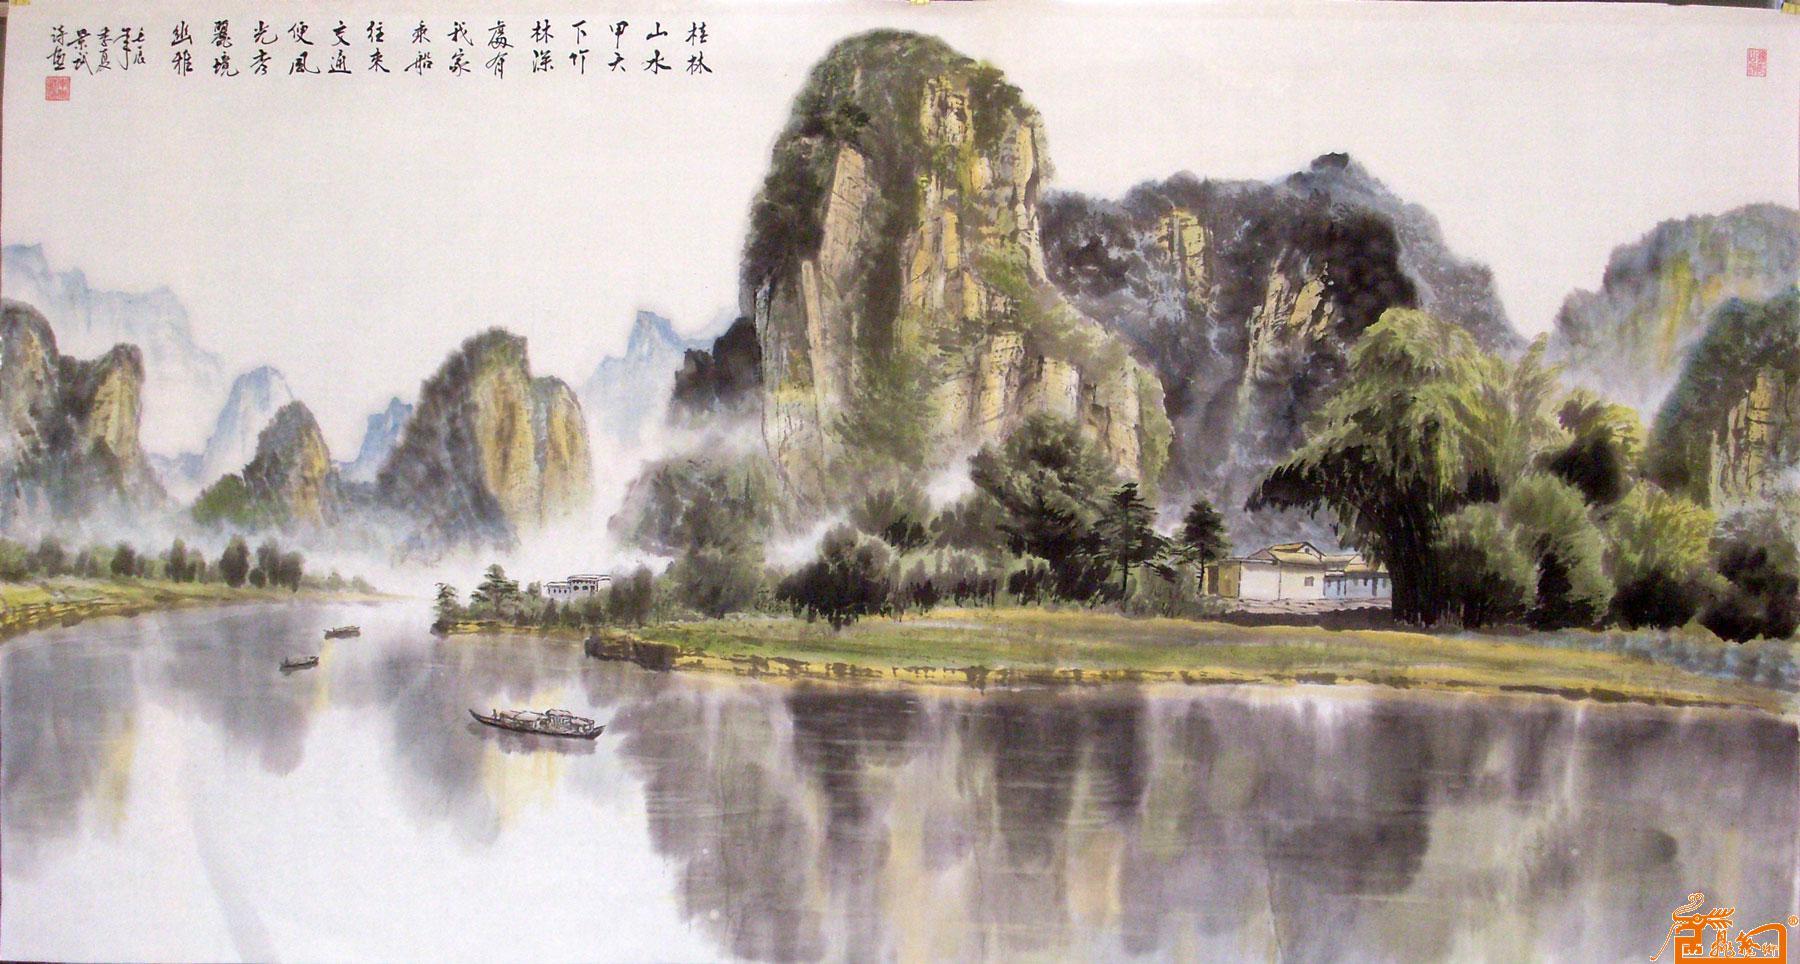 桂林山水画 第一字画网